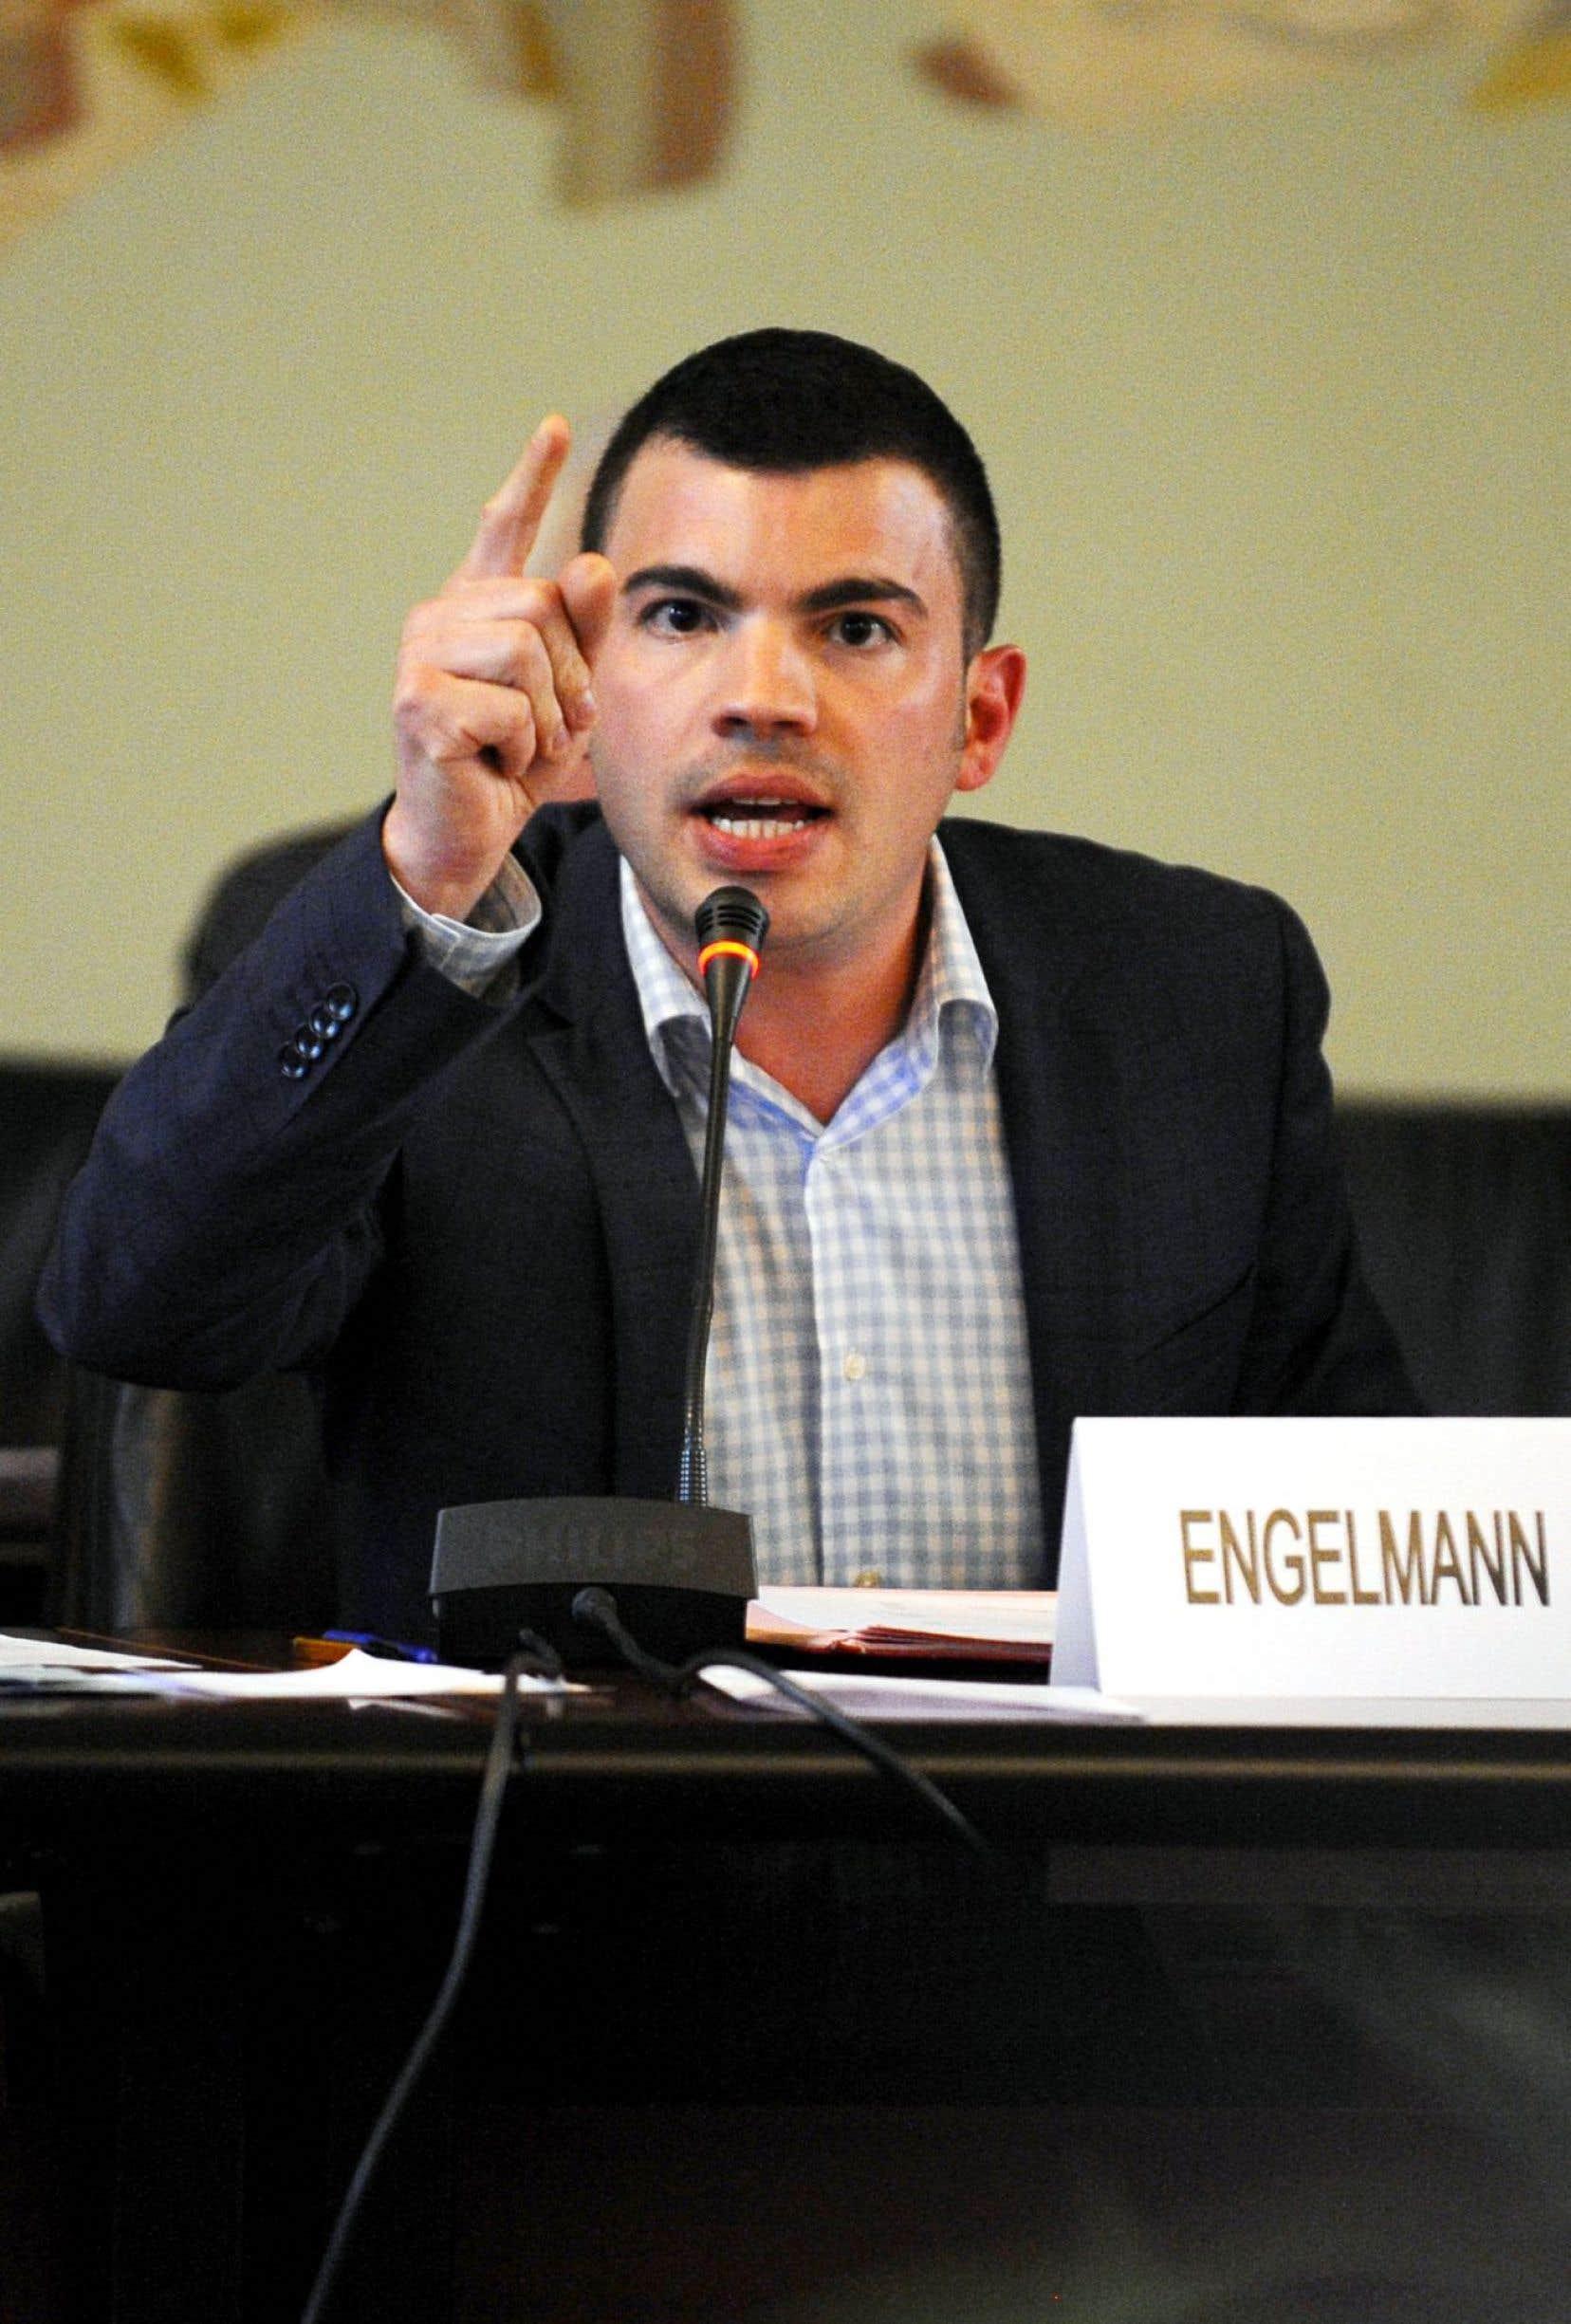 Ancien militant à Lutte ouvrière et au Nouveau Parti anticapitaliste, le maire de Hayange a rejoint les rangs du Front national.